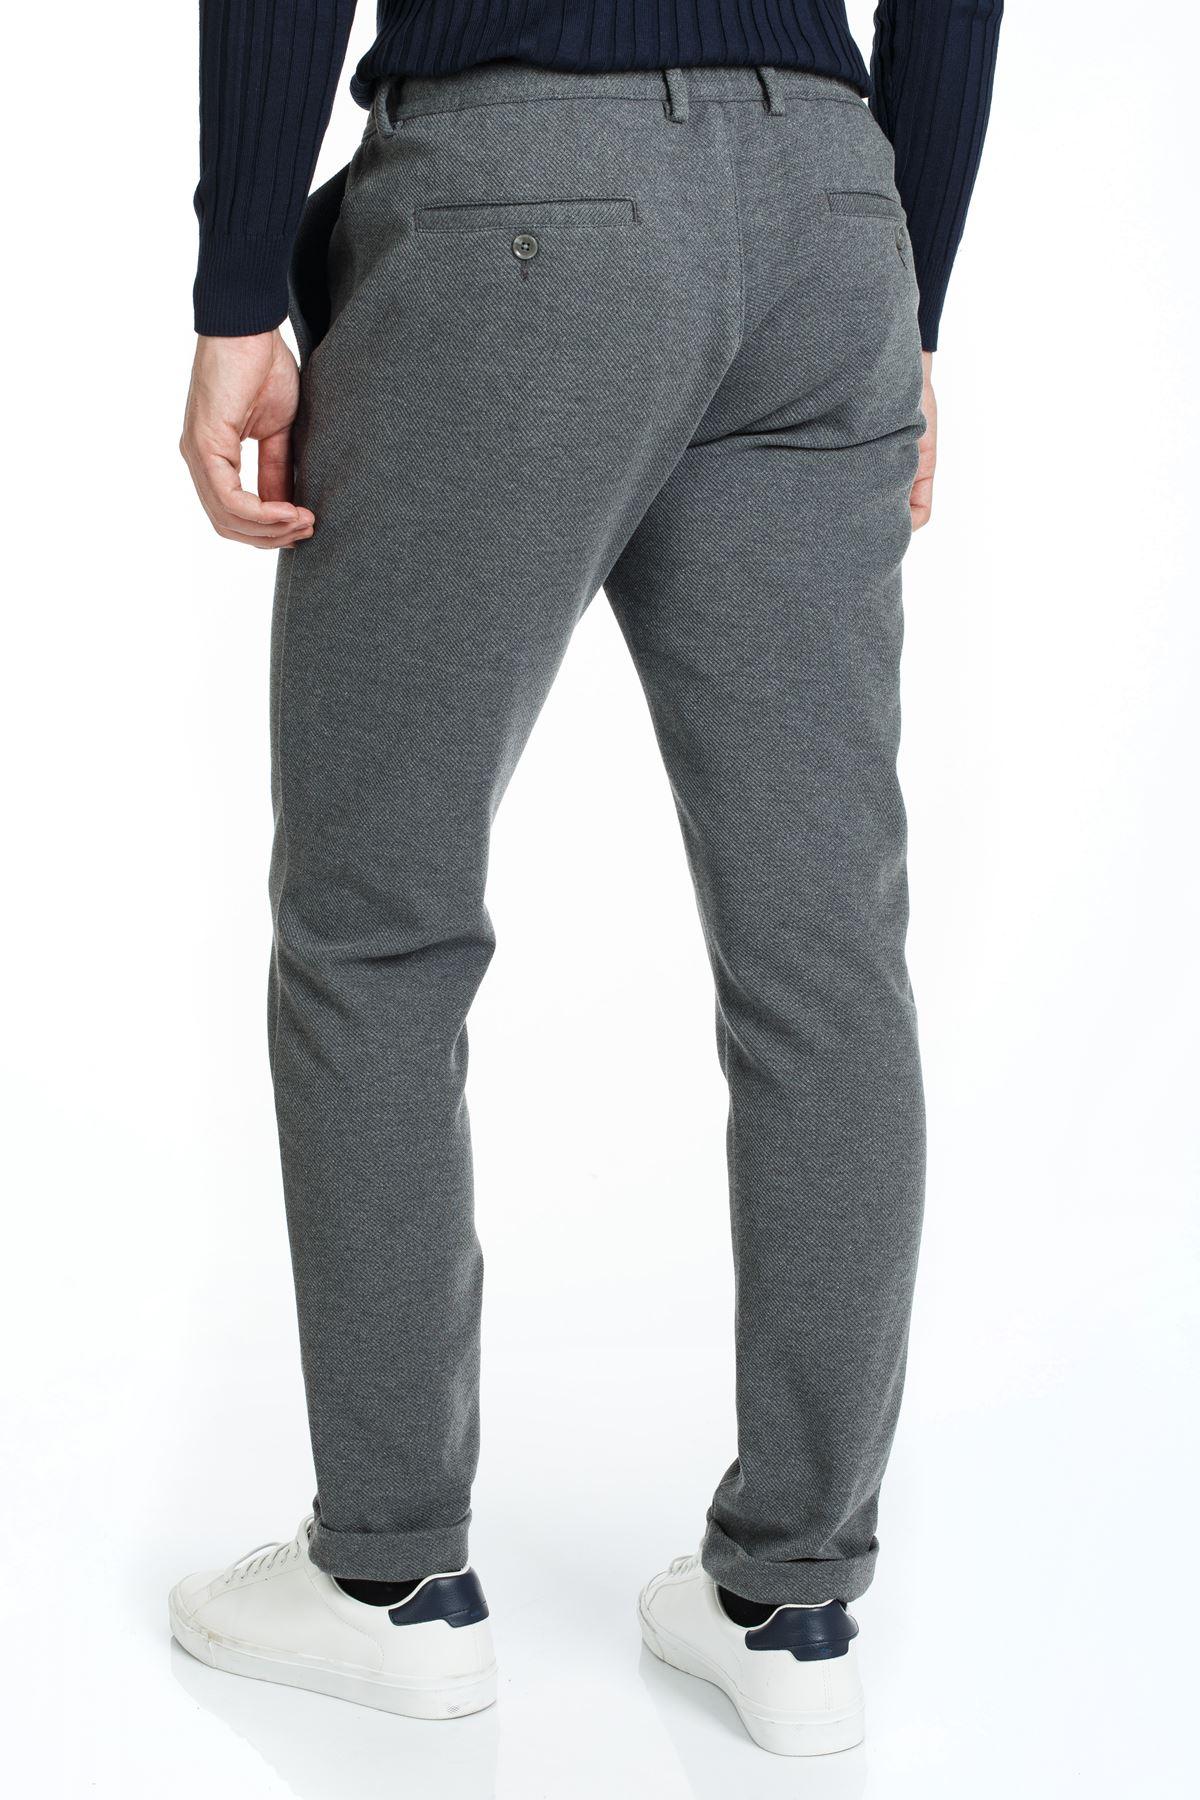 Antrasit Beli Lastikli İpli Slim Kalıp Jogger Pantolon